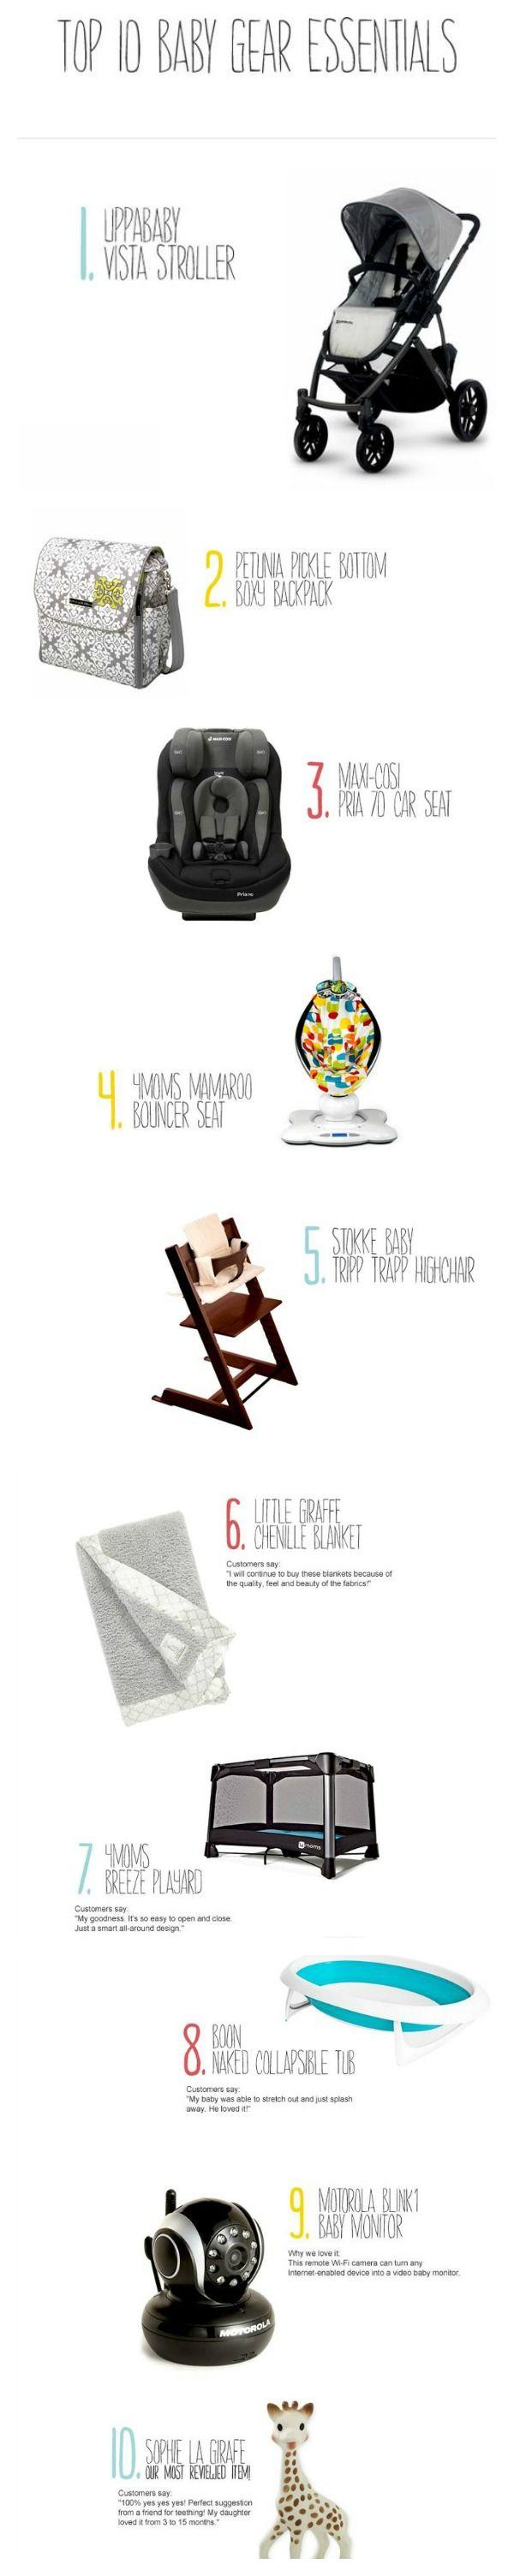 Nordstrom's Top 10 Baby Gear Essentials